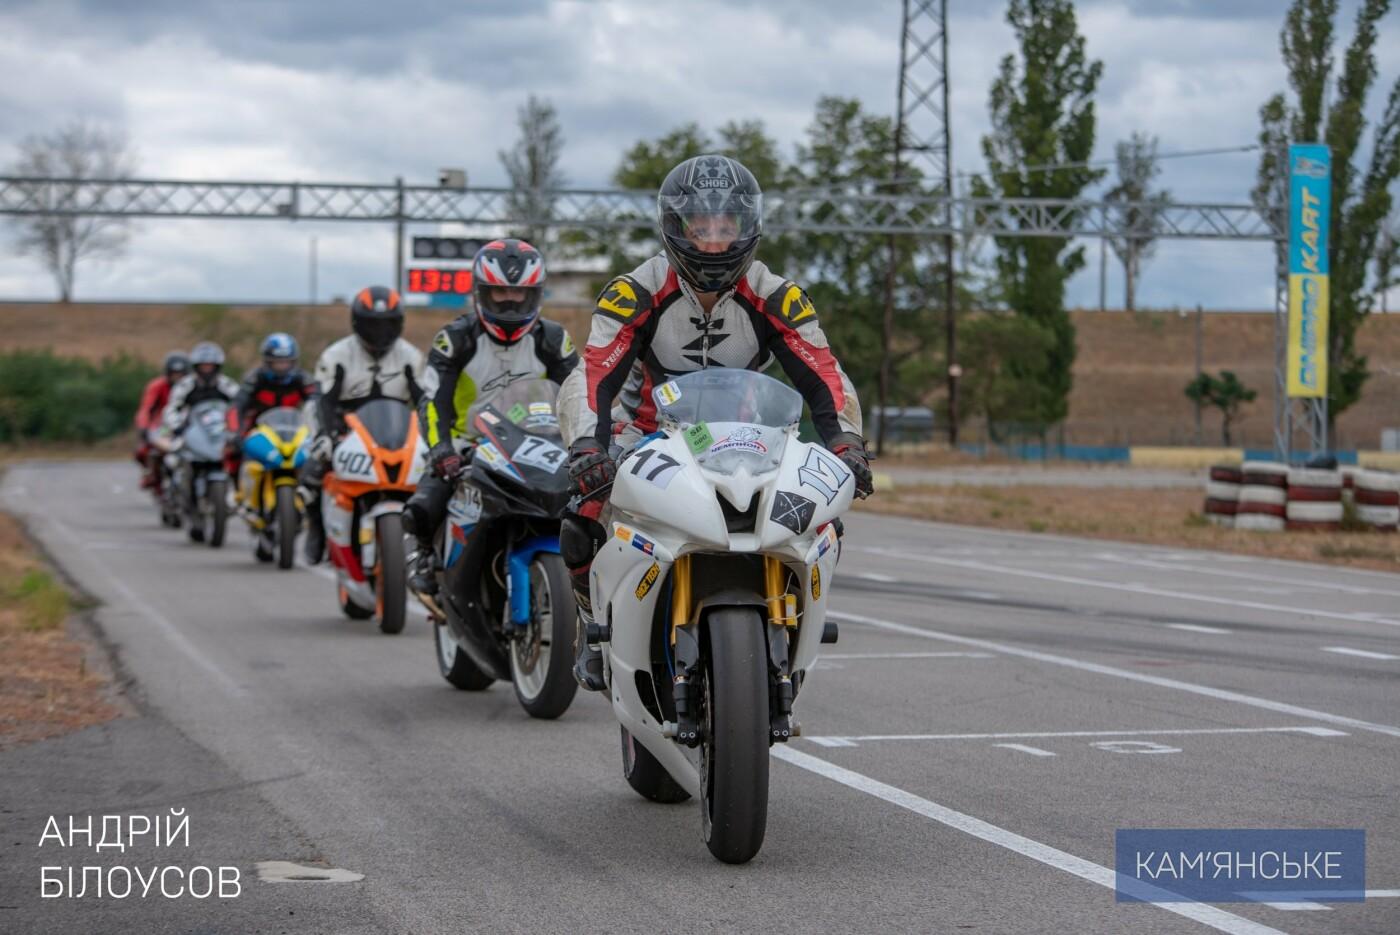 В Каменском прошел финал чемпионата по шоссейно-кольцевым гонкам - UA Riders CUP, фото-3